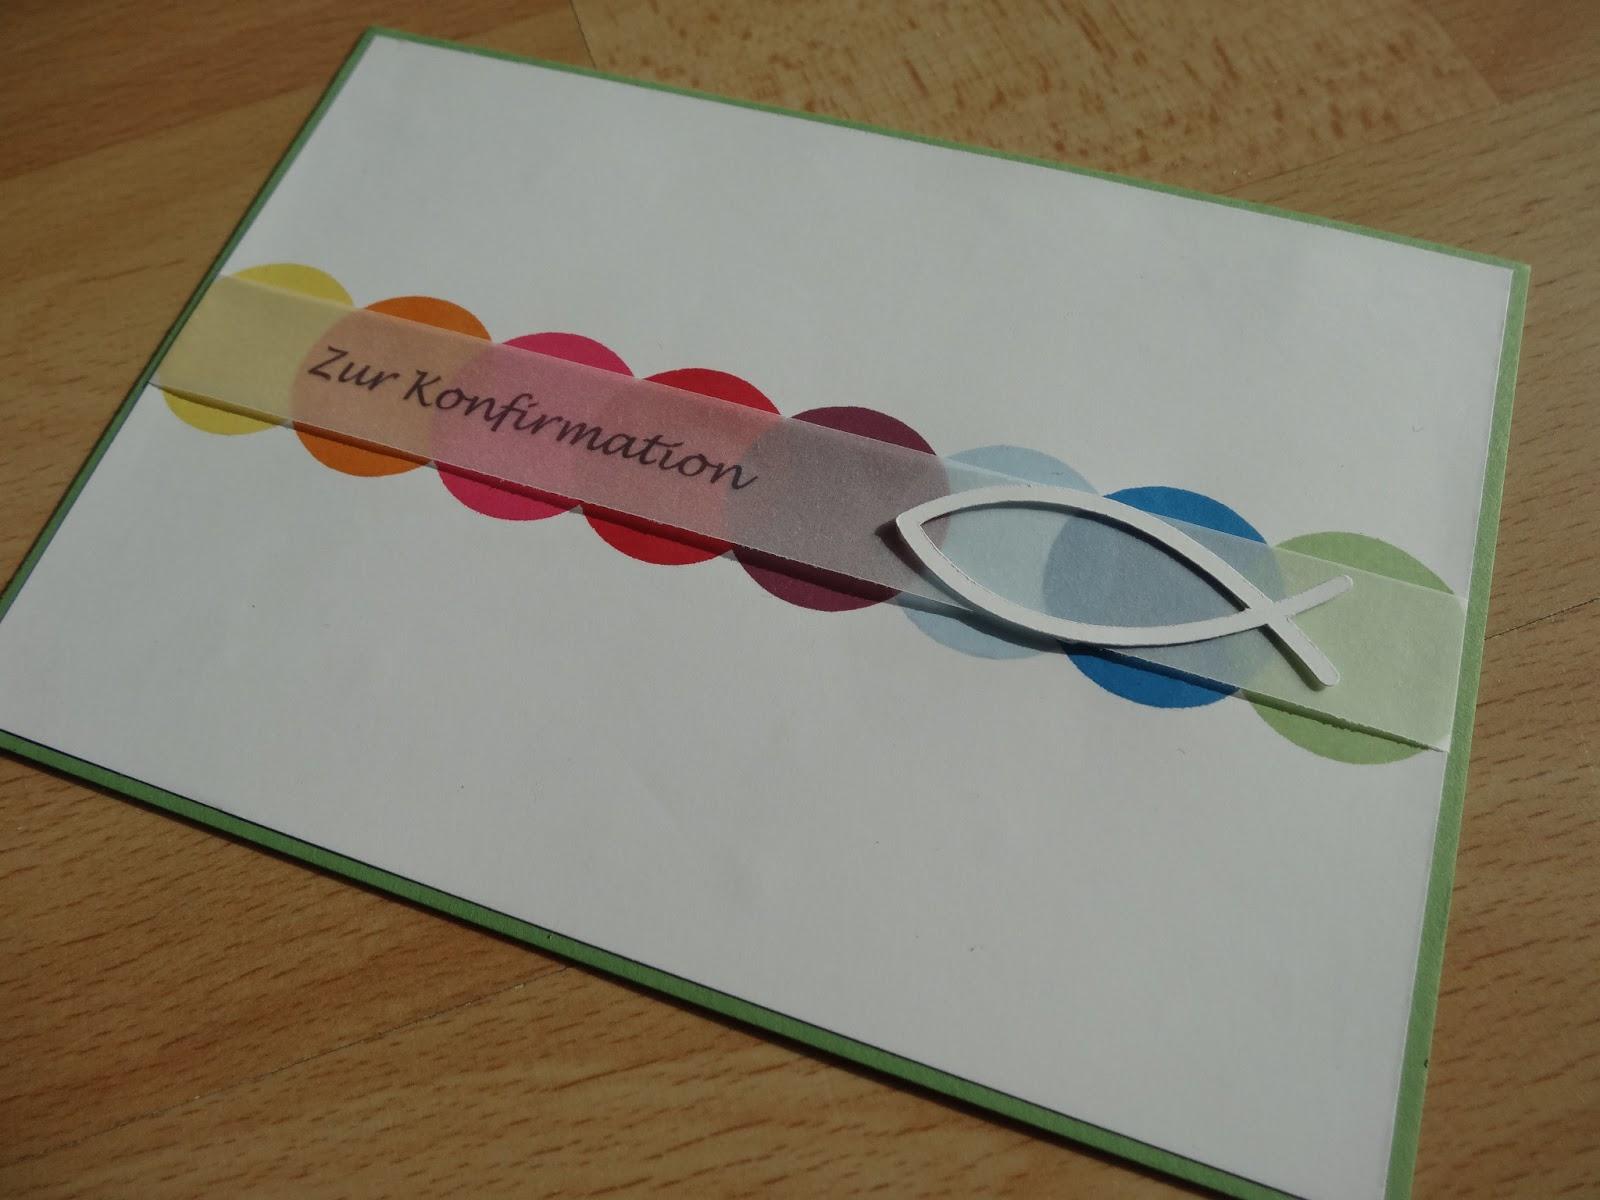 Jenny 39 s papierwelt karten zur konfirmation kommunion for Karten gestalten kostenlos